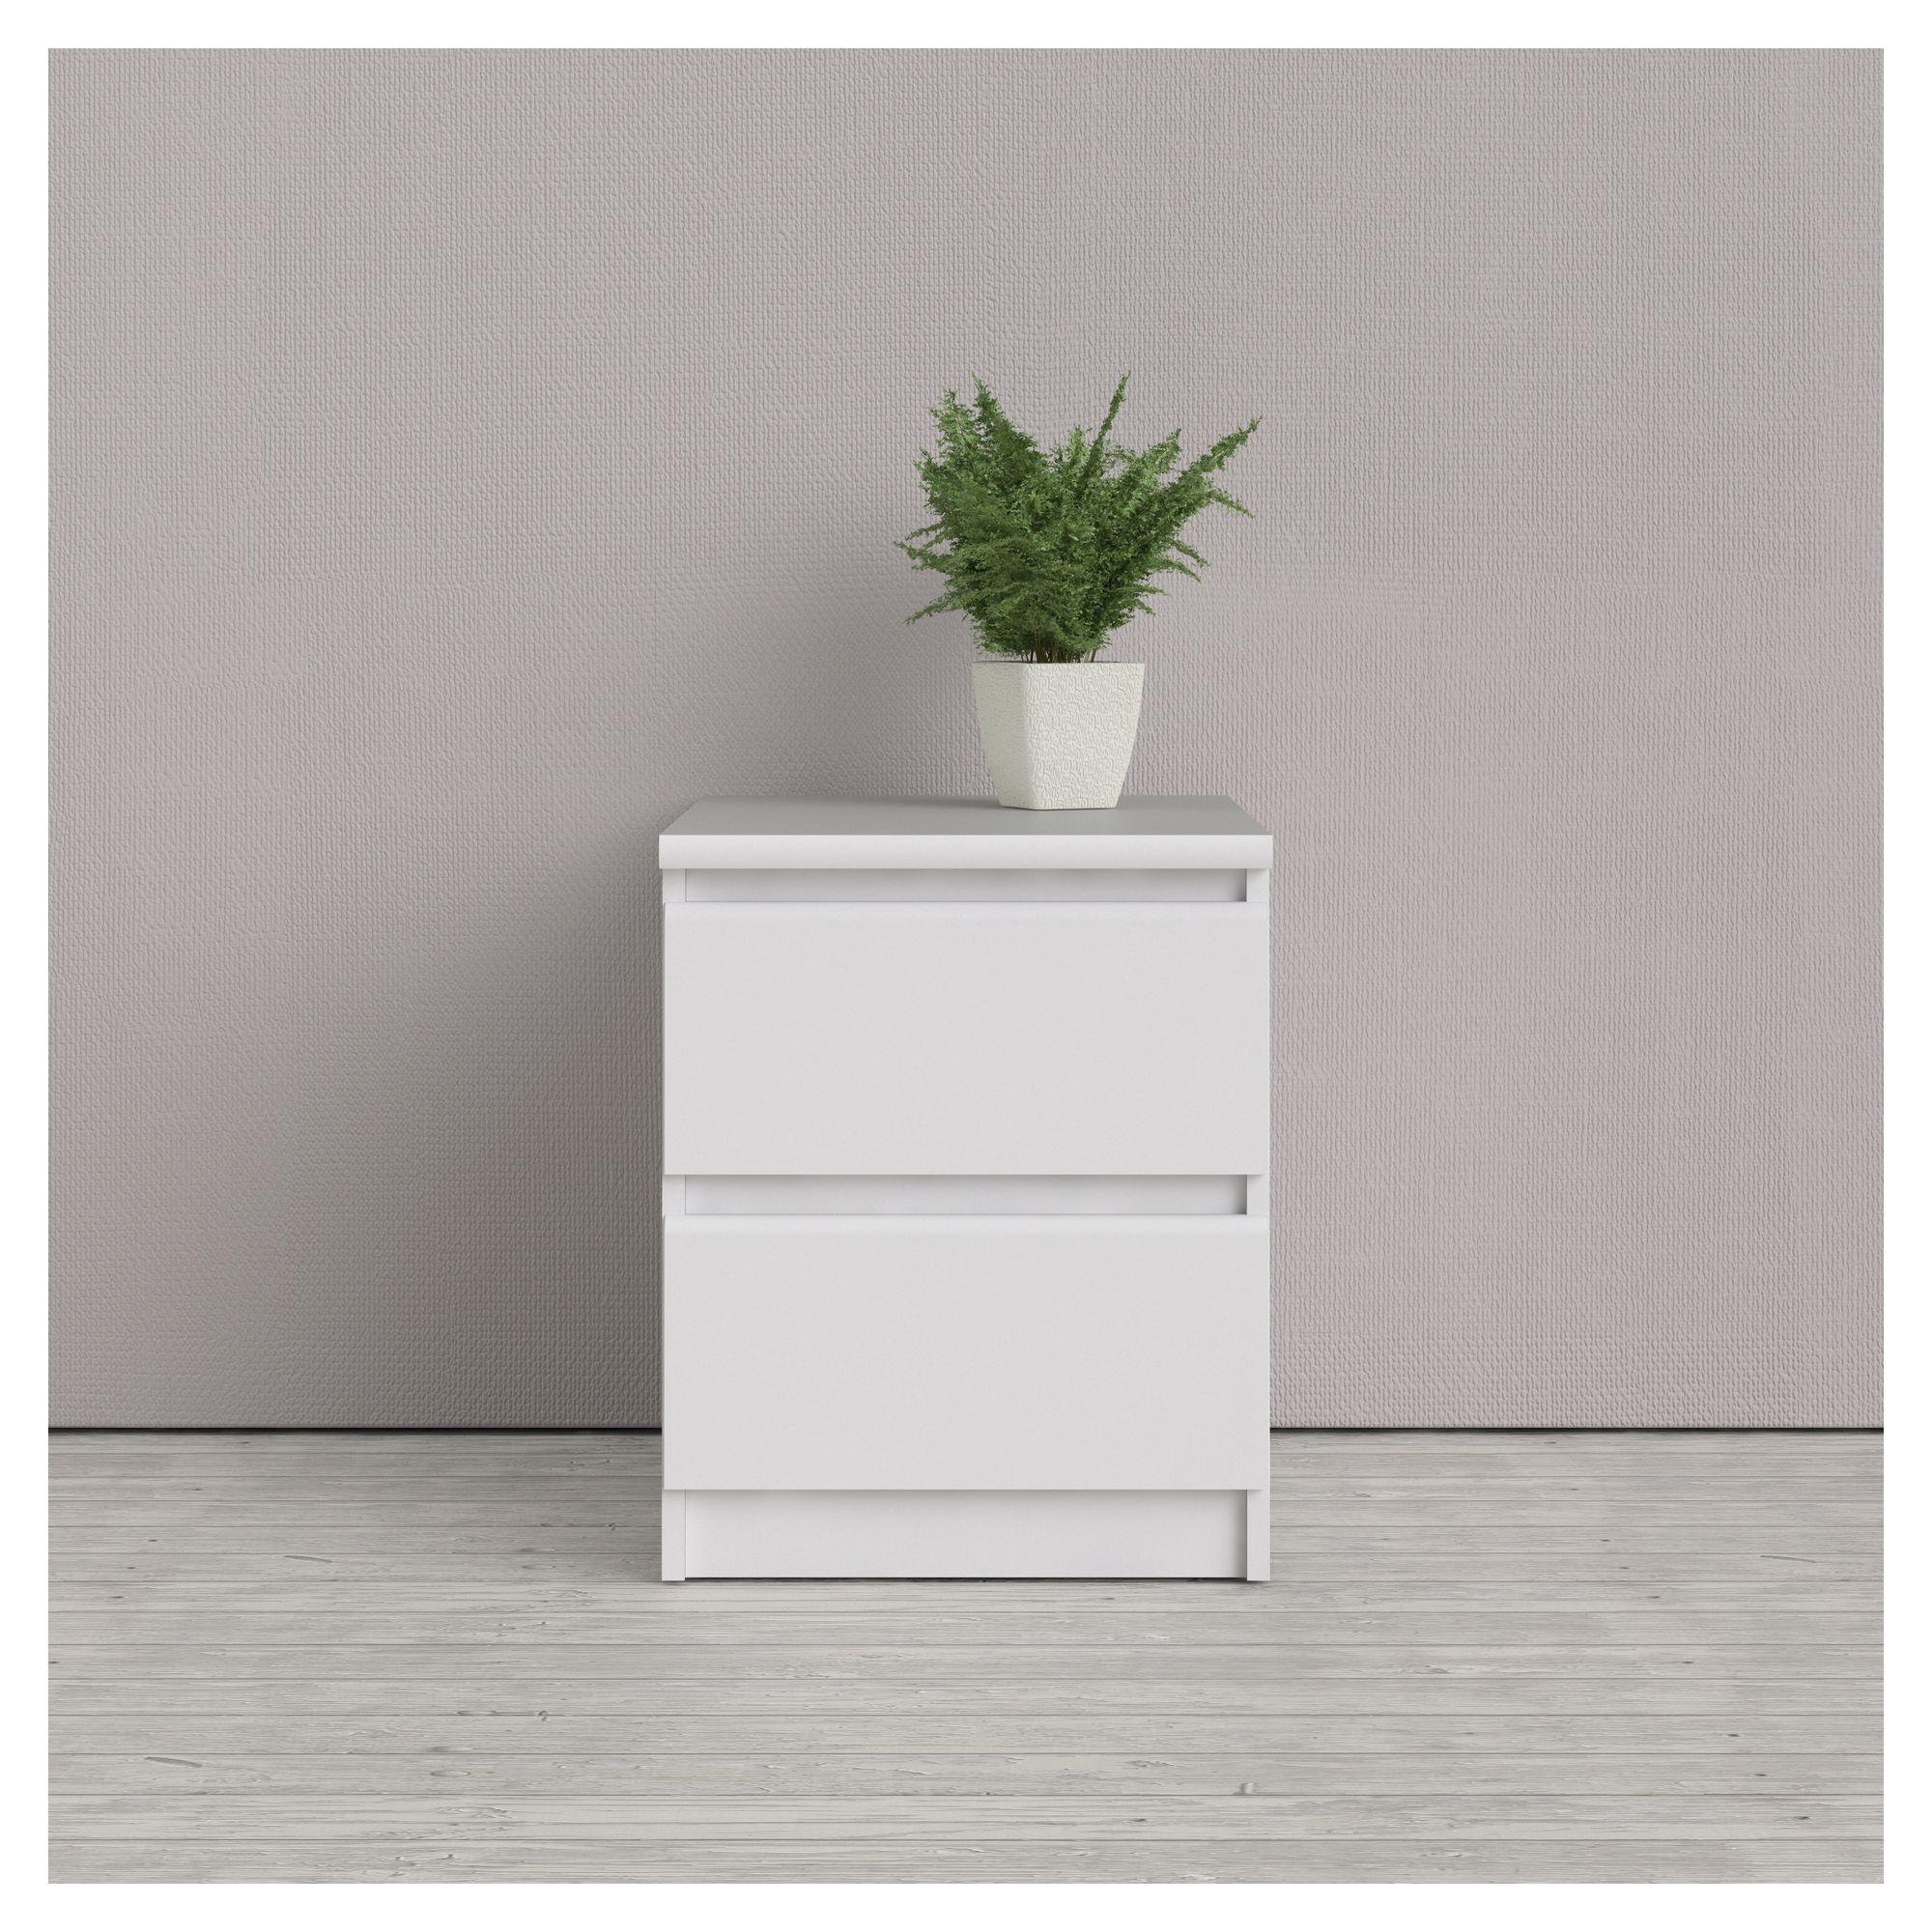 Naia Sengebord - Hvid - Grebsfri sengebord med 2 skuffer